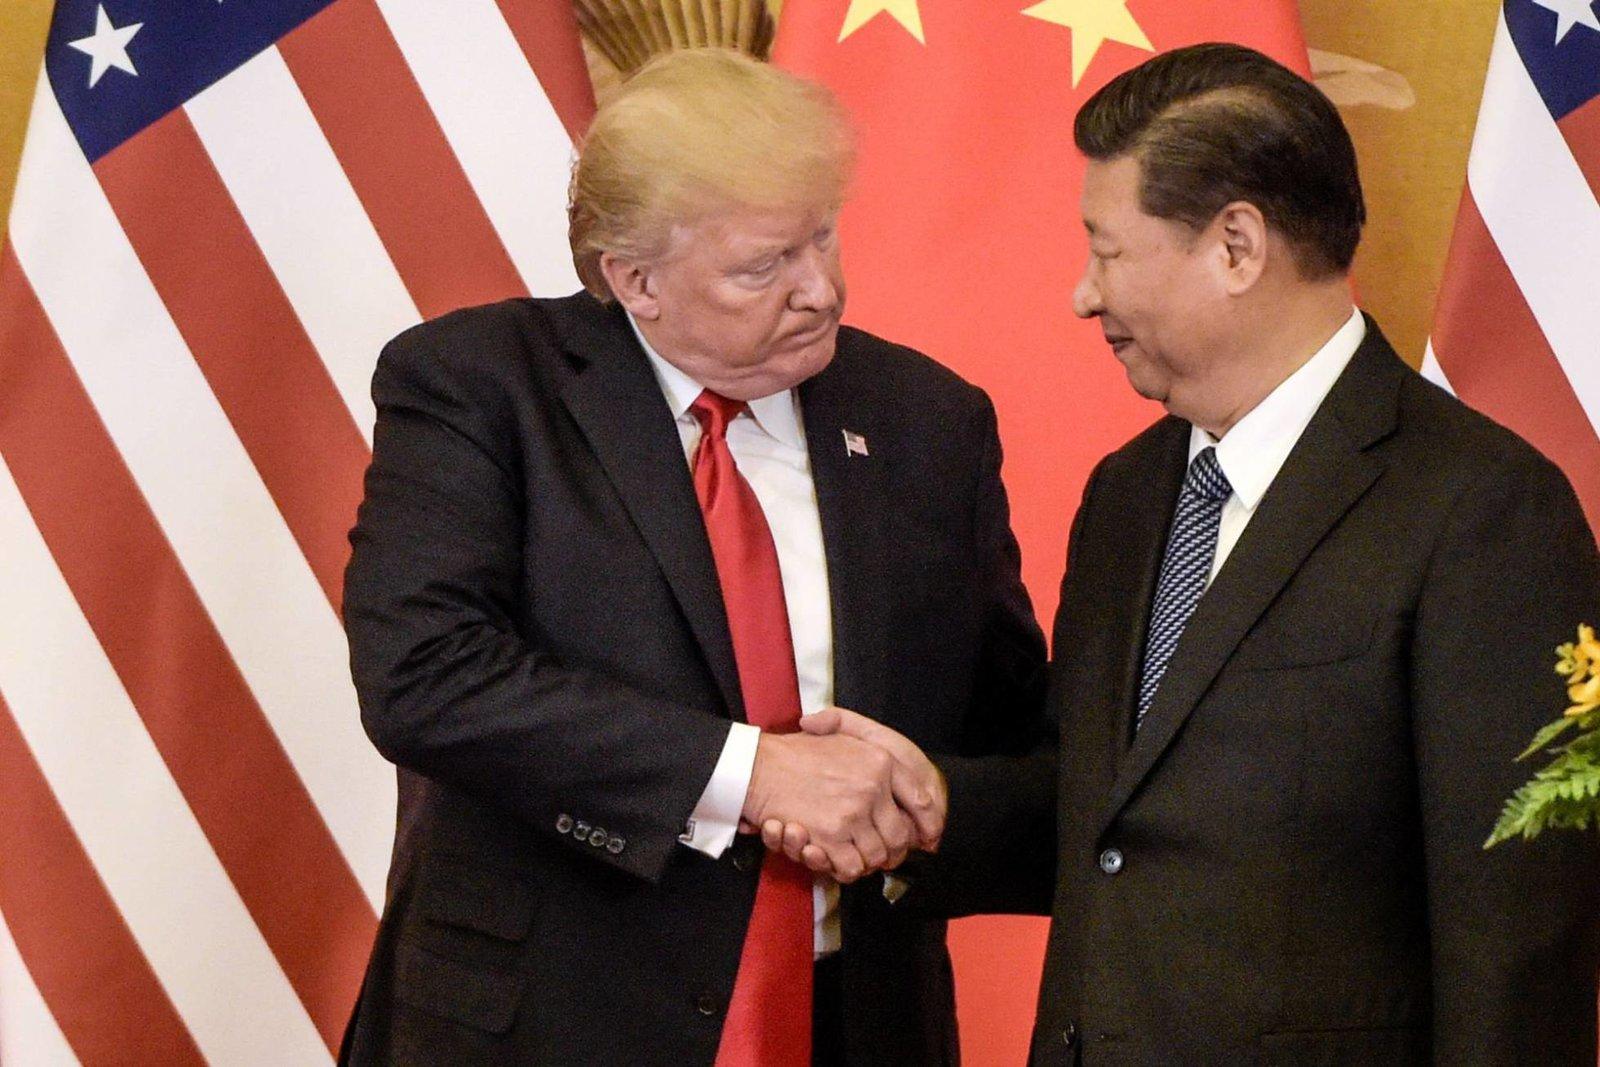 La OMC se alinea con China en su larga y tensa disputa arancelaria con EU